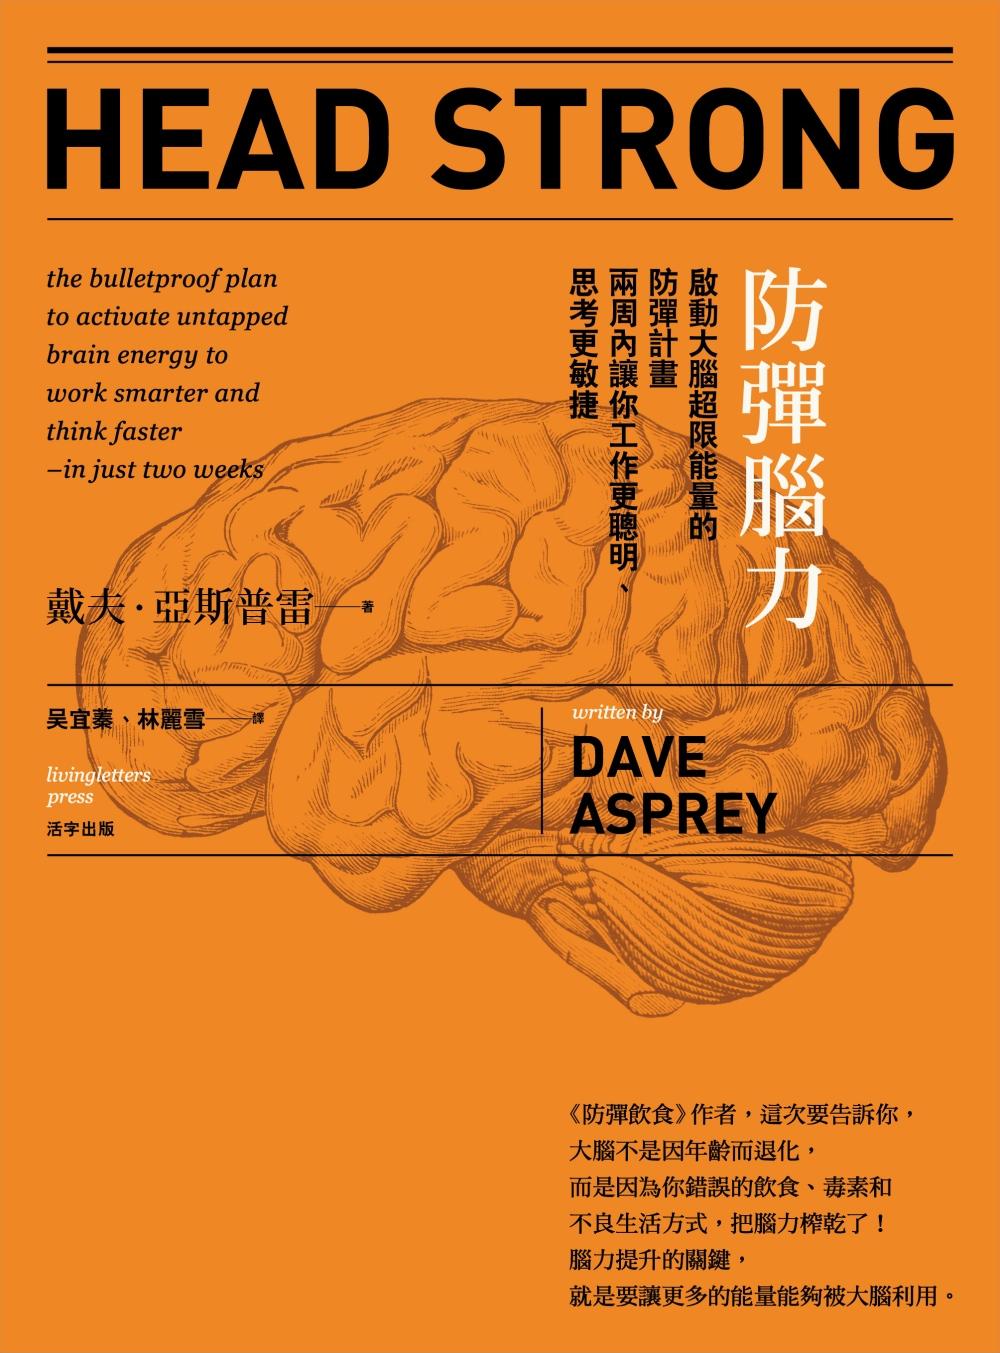 防彈腦力:啟動大腦超限能量的防彈計畫 兩周內讓你工作更聰明、思考更敏捷